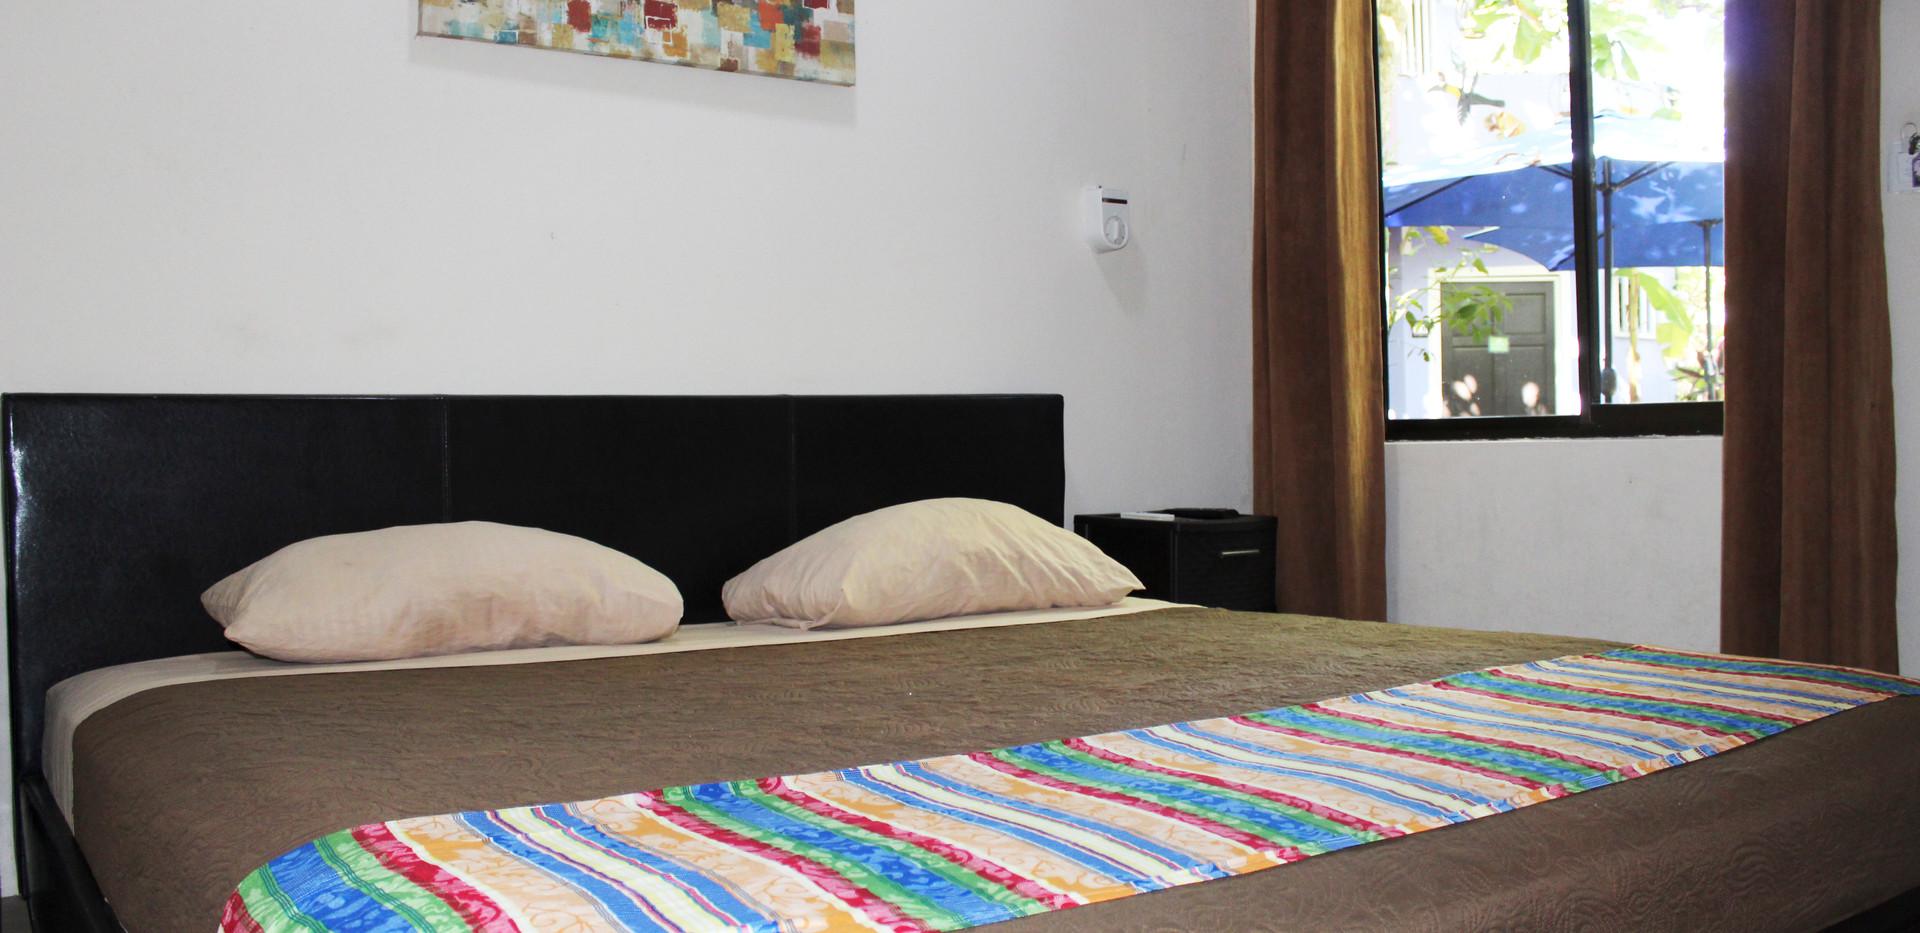 Habitación básica con cama extra grande